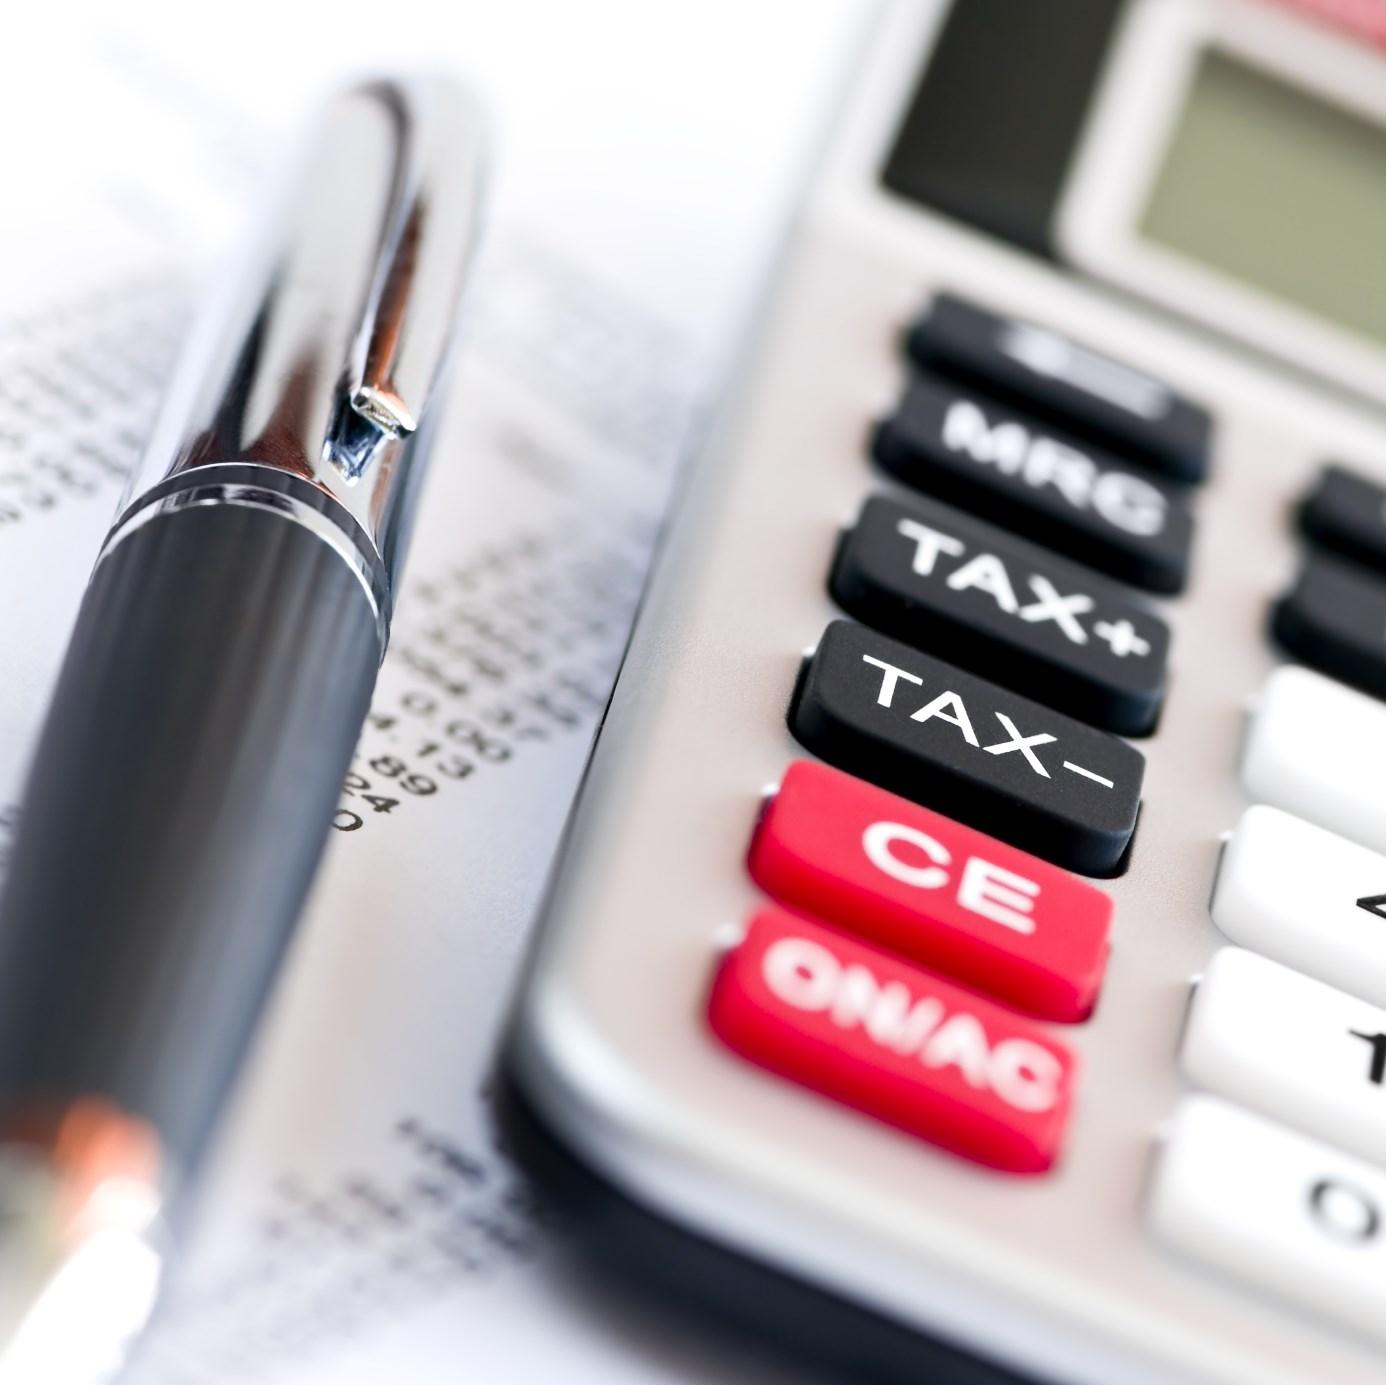 Διευκρινίσεις για καταβολή φορολογικών και τελωνειακών οφειλών